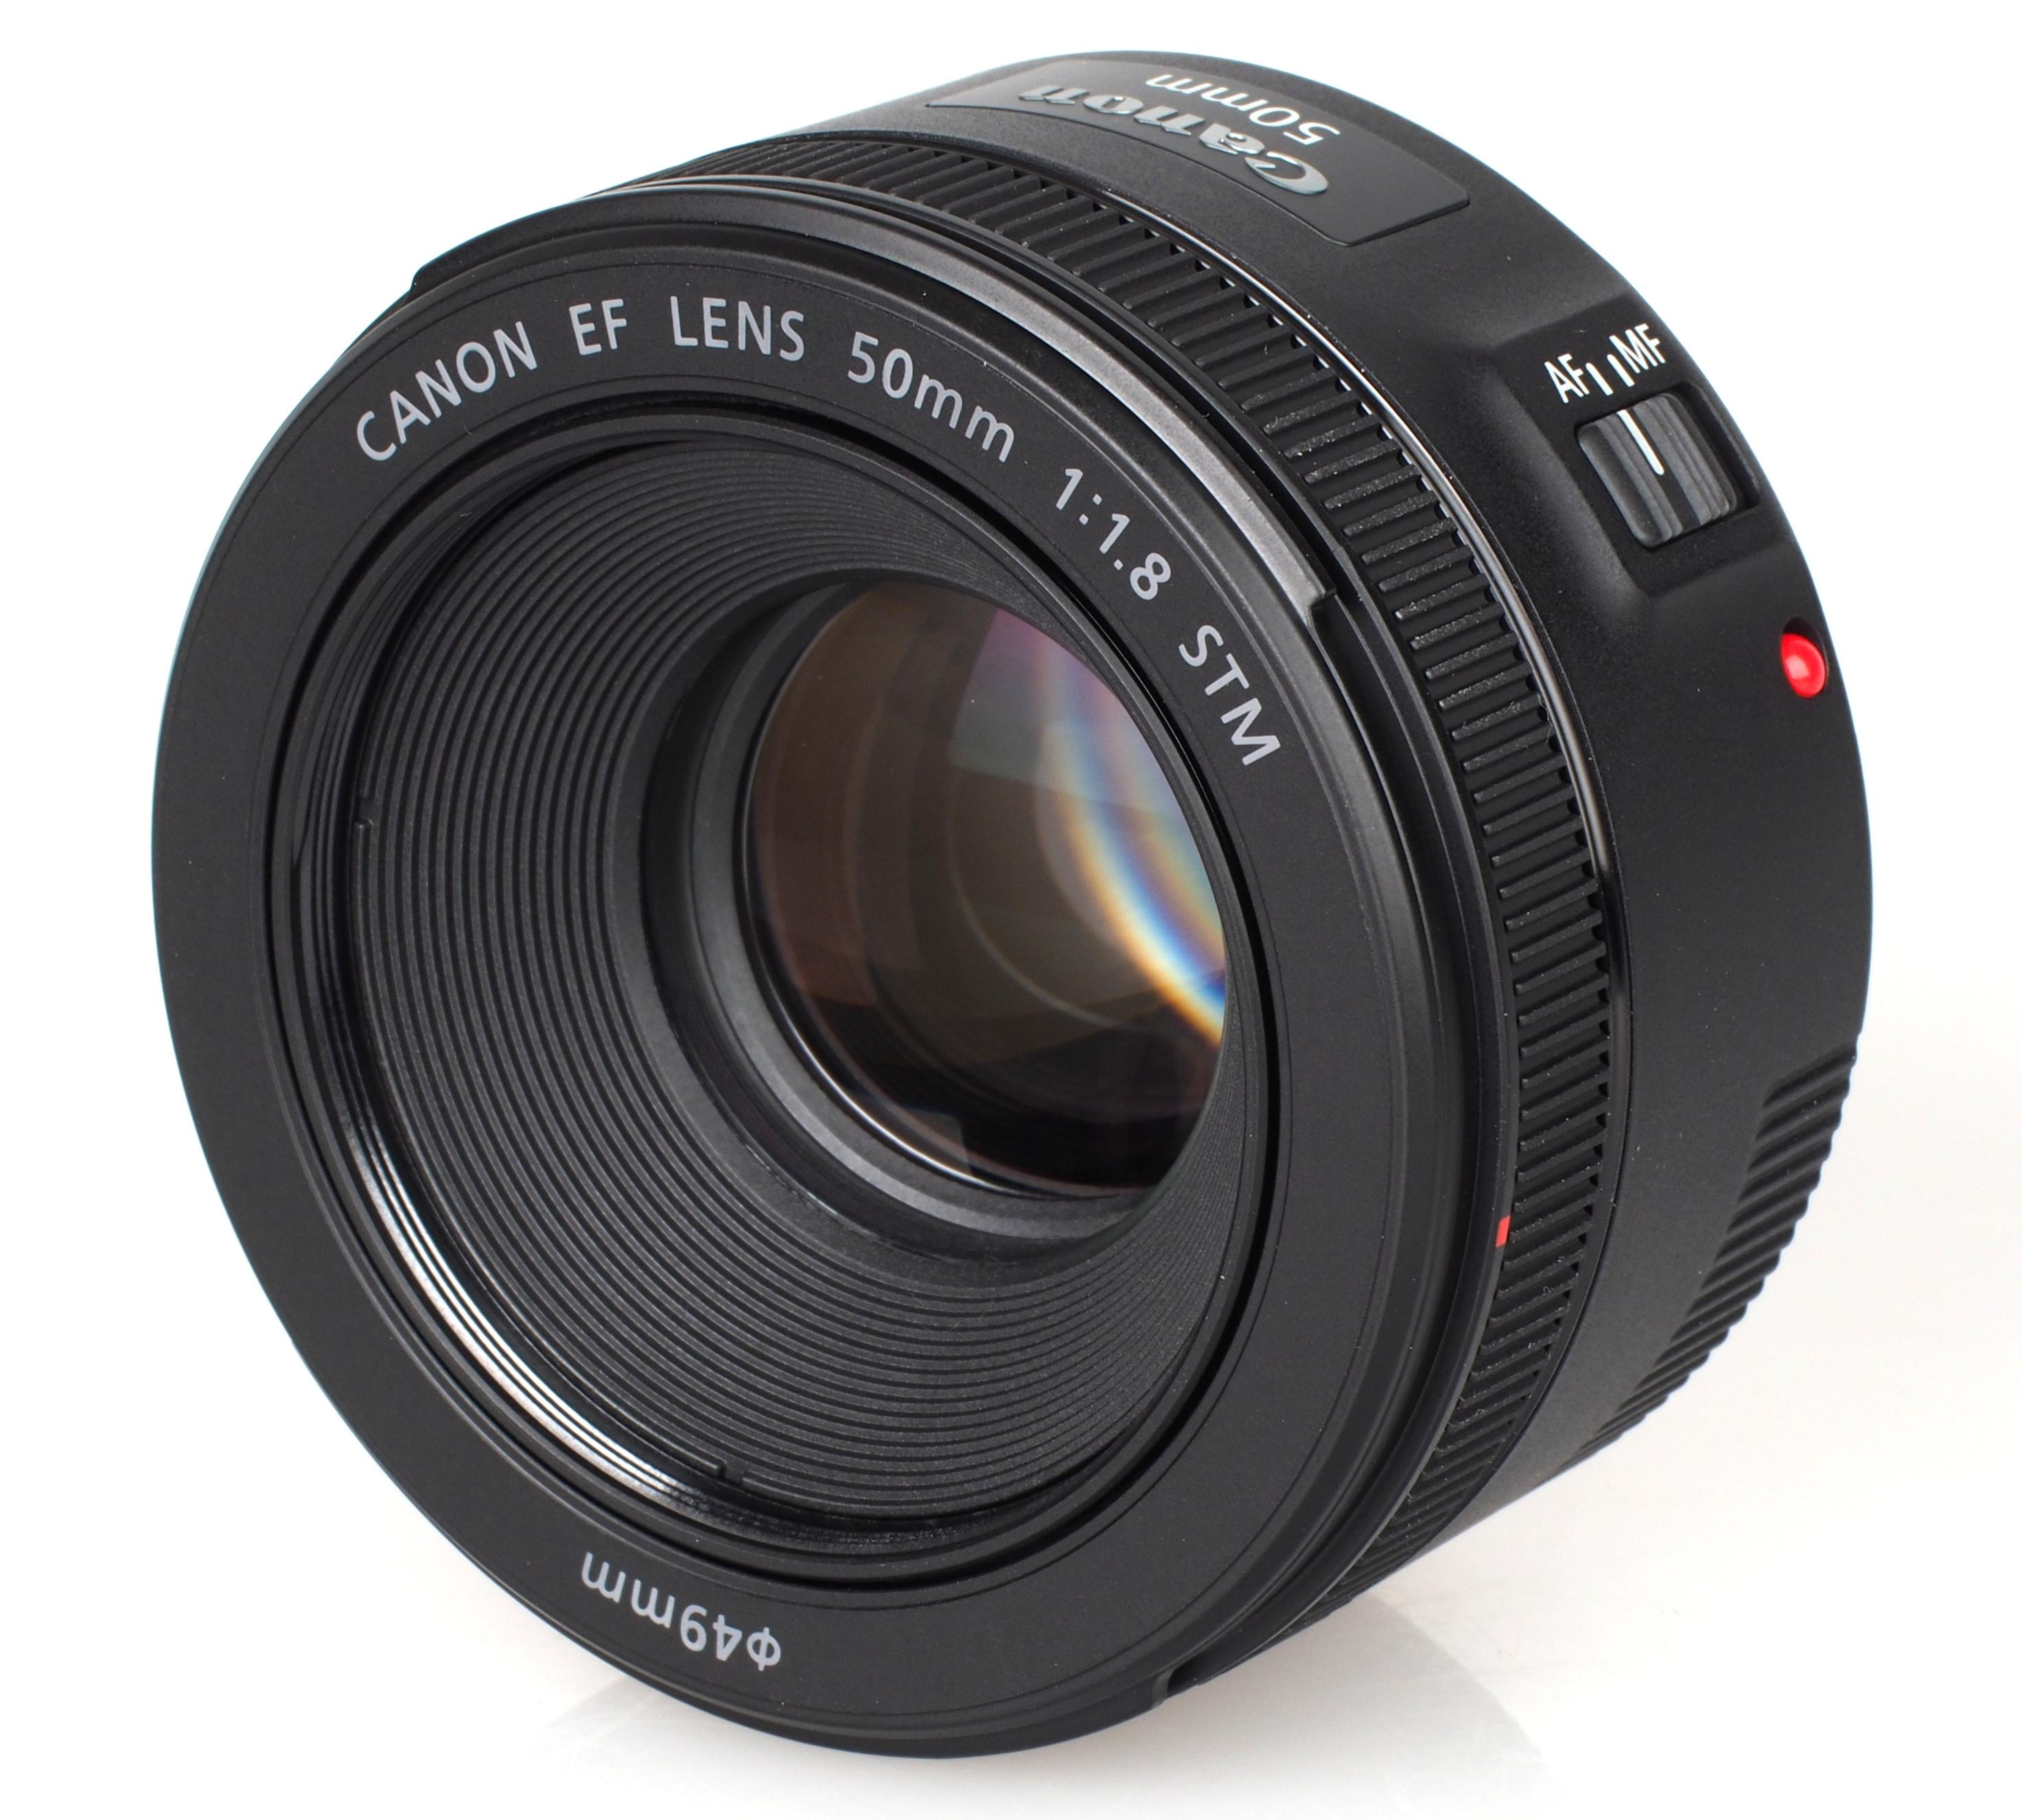 canon ef 50mm f 1 8 stm lens review. Black Bedroom Furniture Sets. Home Design Ideas